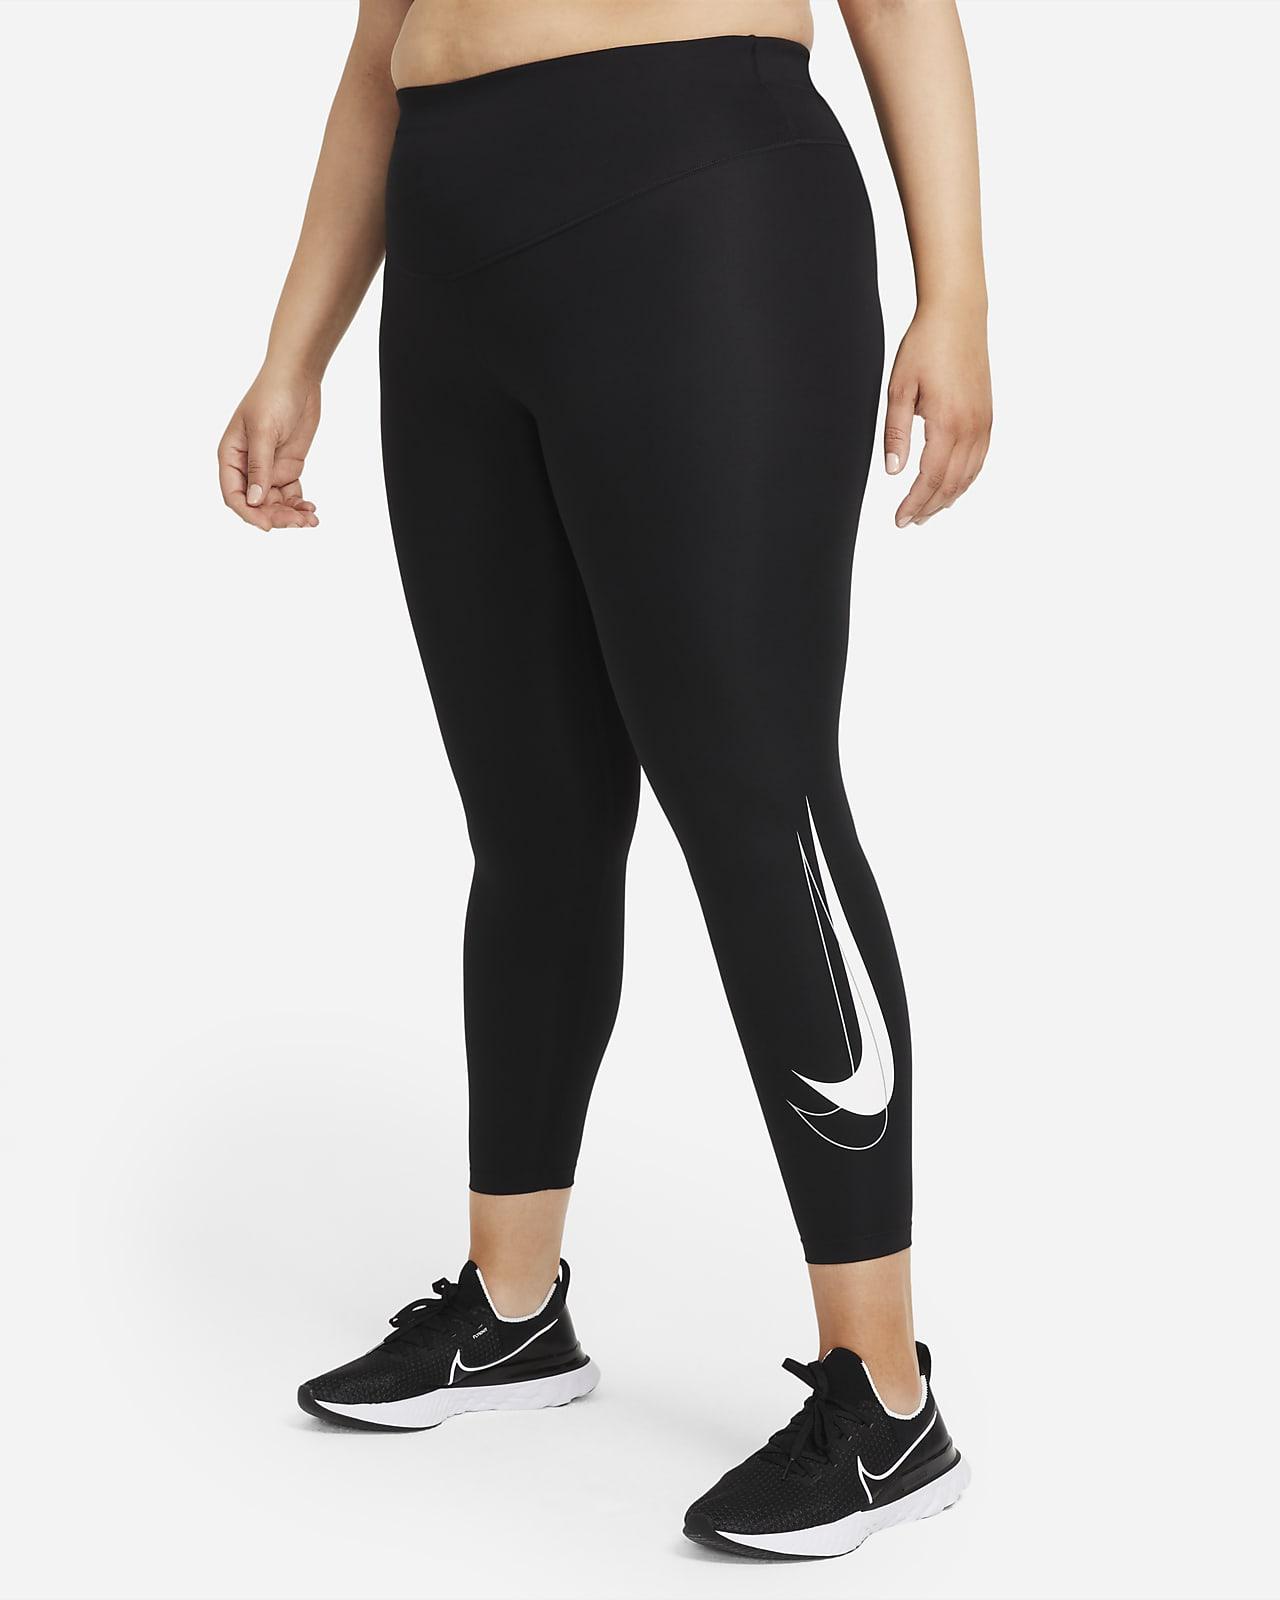 Nike Dri-FIT Swoosh Run 7/8-Lauf-Leggings mit mittelhohem Bund für Damen (große Größe)